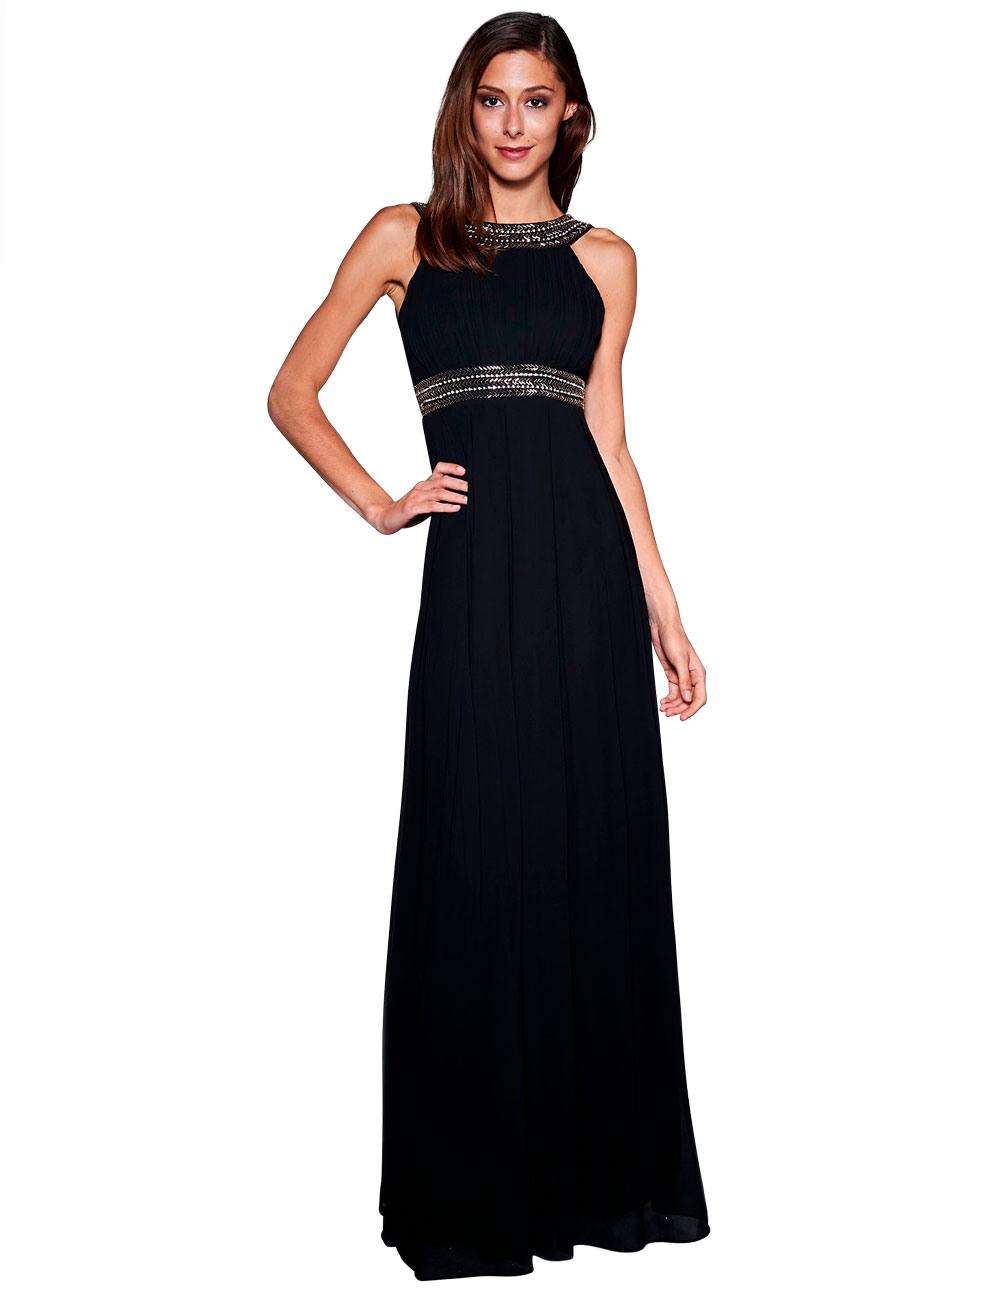 13 Schön Jugend Abendkleider Boutique10 Einzigartig Jugend Abendkleider für 2019